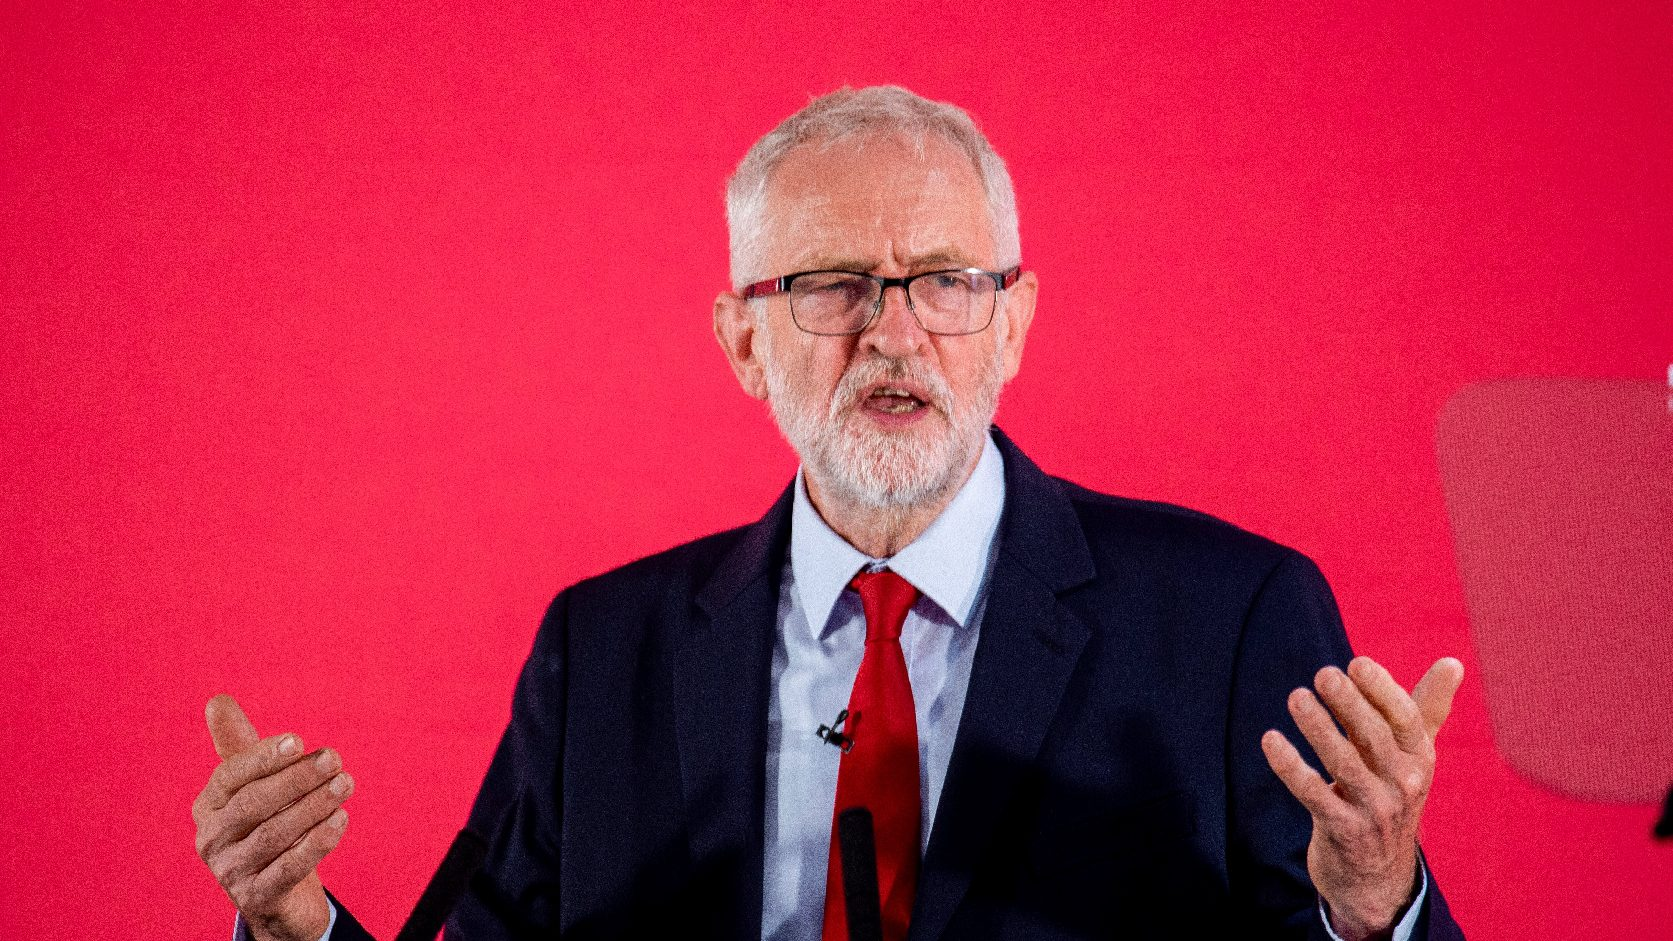 Felfüggesztette Jeremy Corbyn párttagságát a brit Munkáspárt